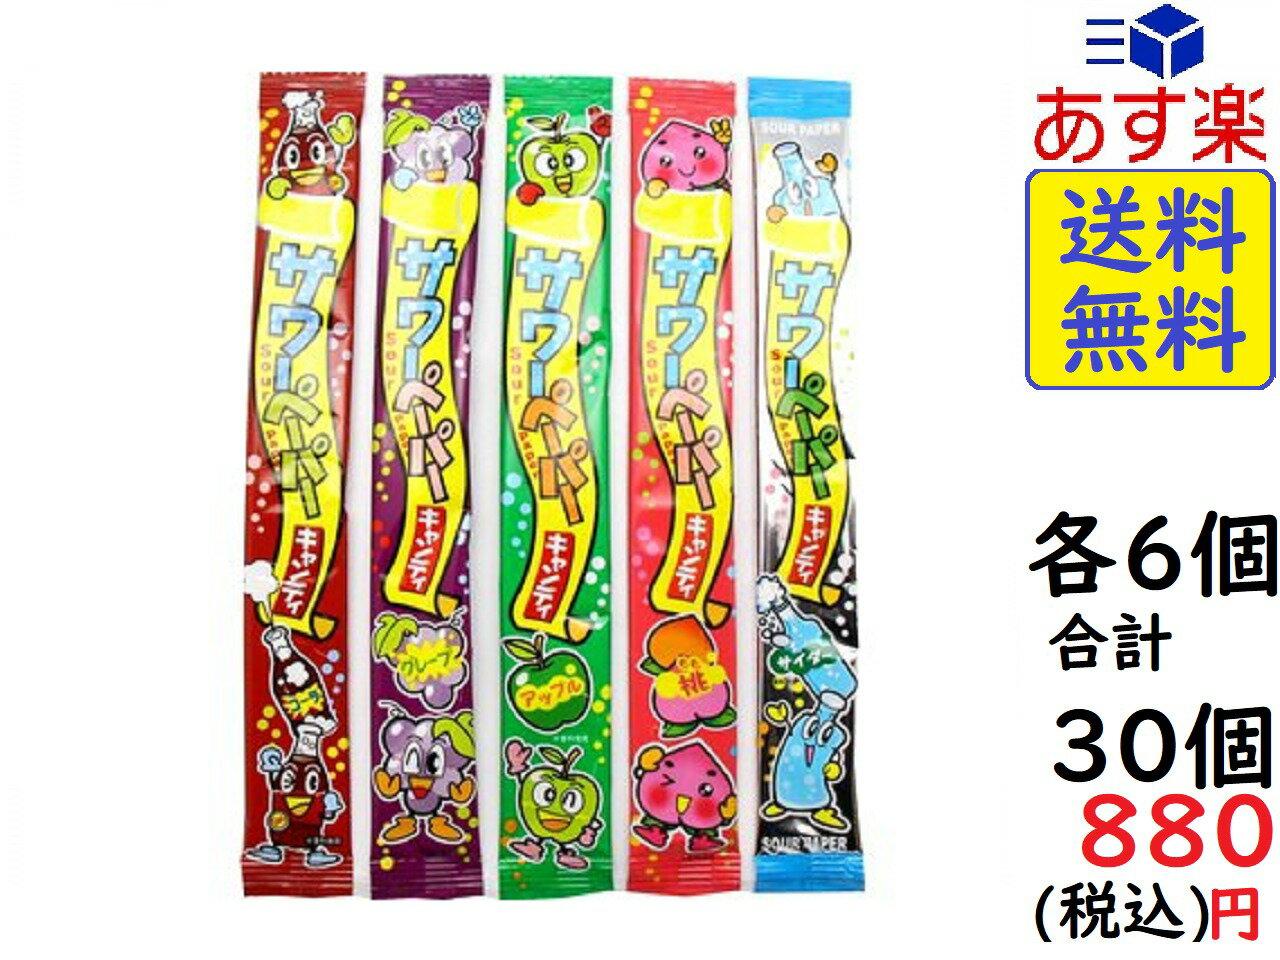 やおきん サワーペーパーキャンディー いろいろ味セット 全5種×6個 計30個 ( グレープ ・ コーラ ・ アップル ・ サイダー ・ 桃 )賞味期限残り9ヶ月以上